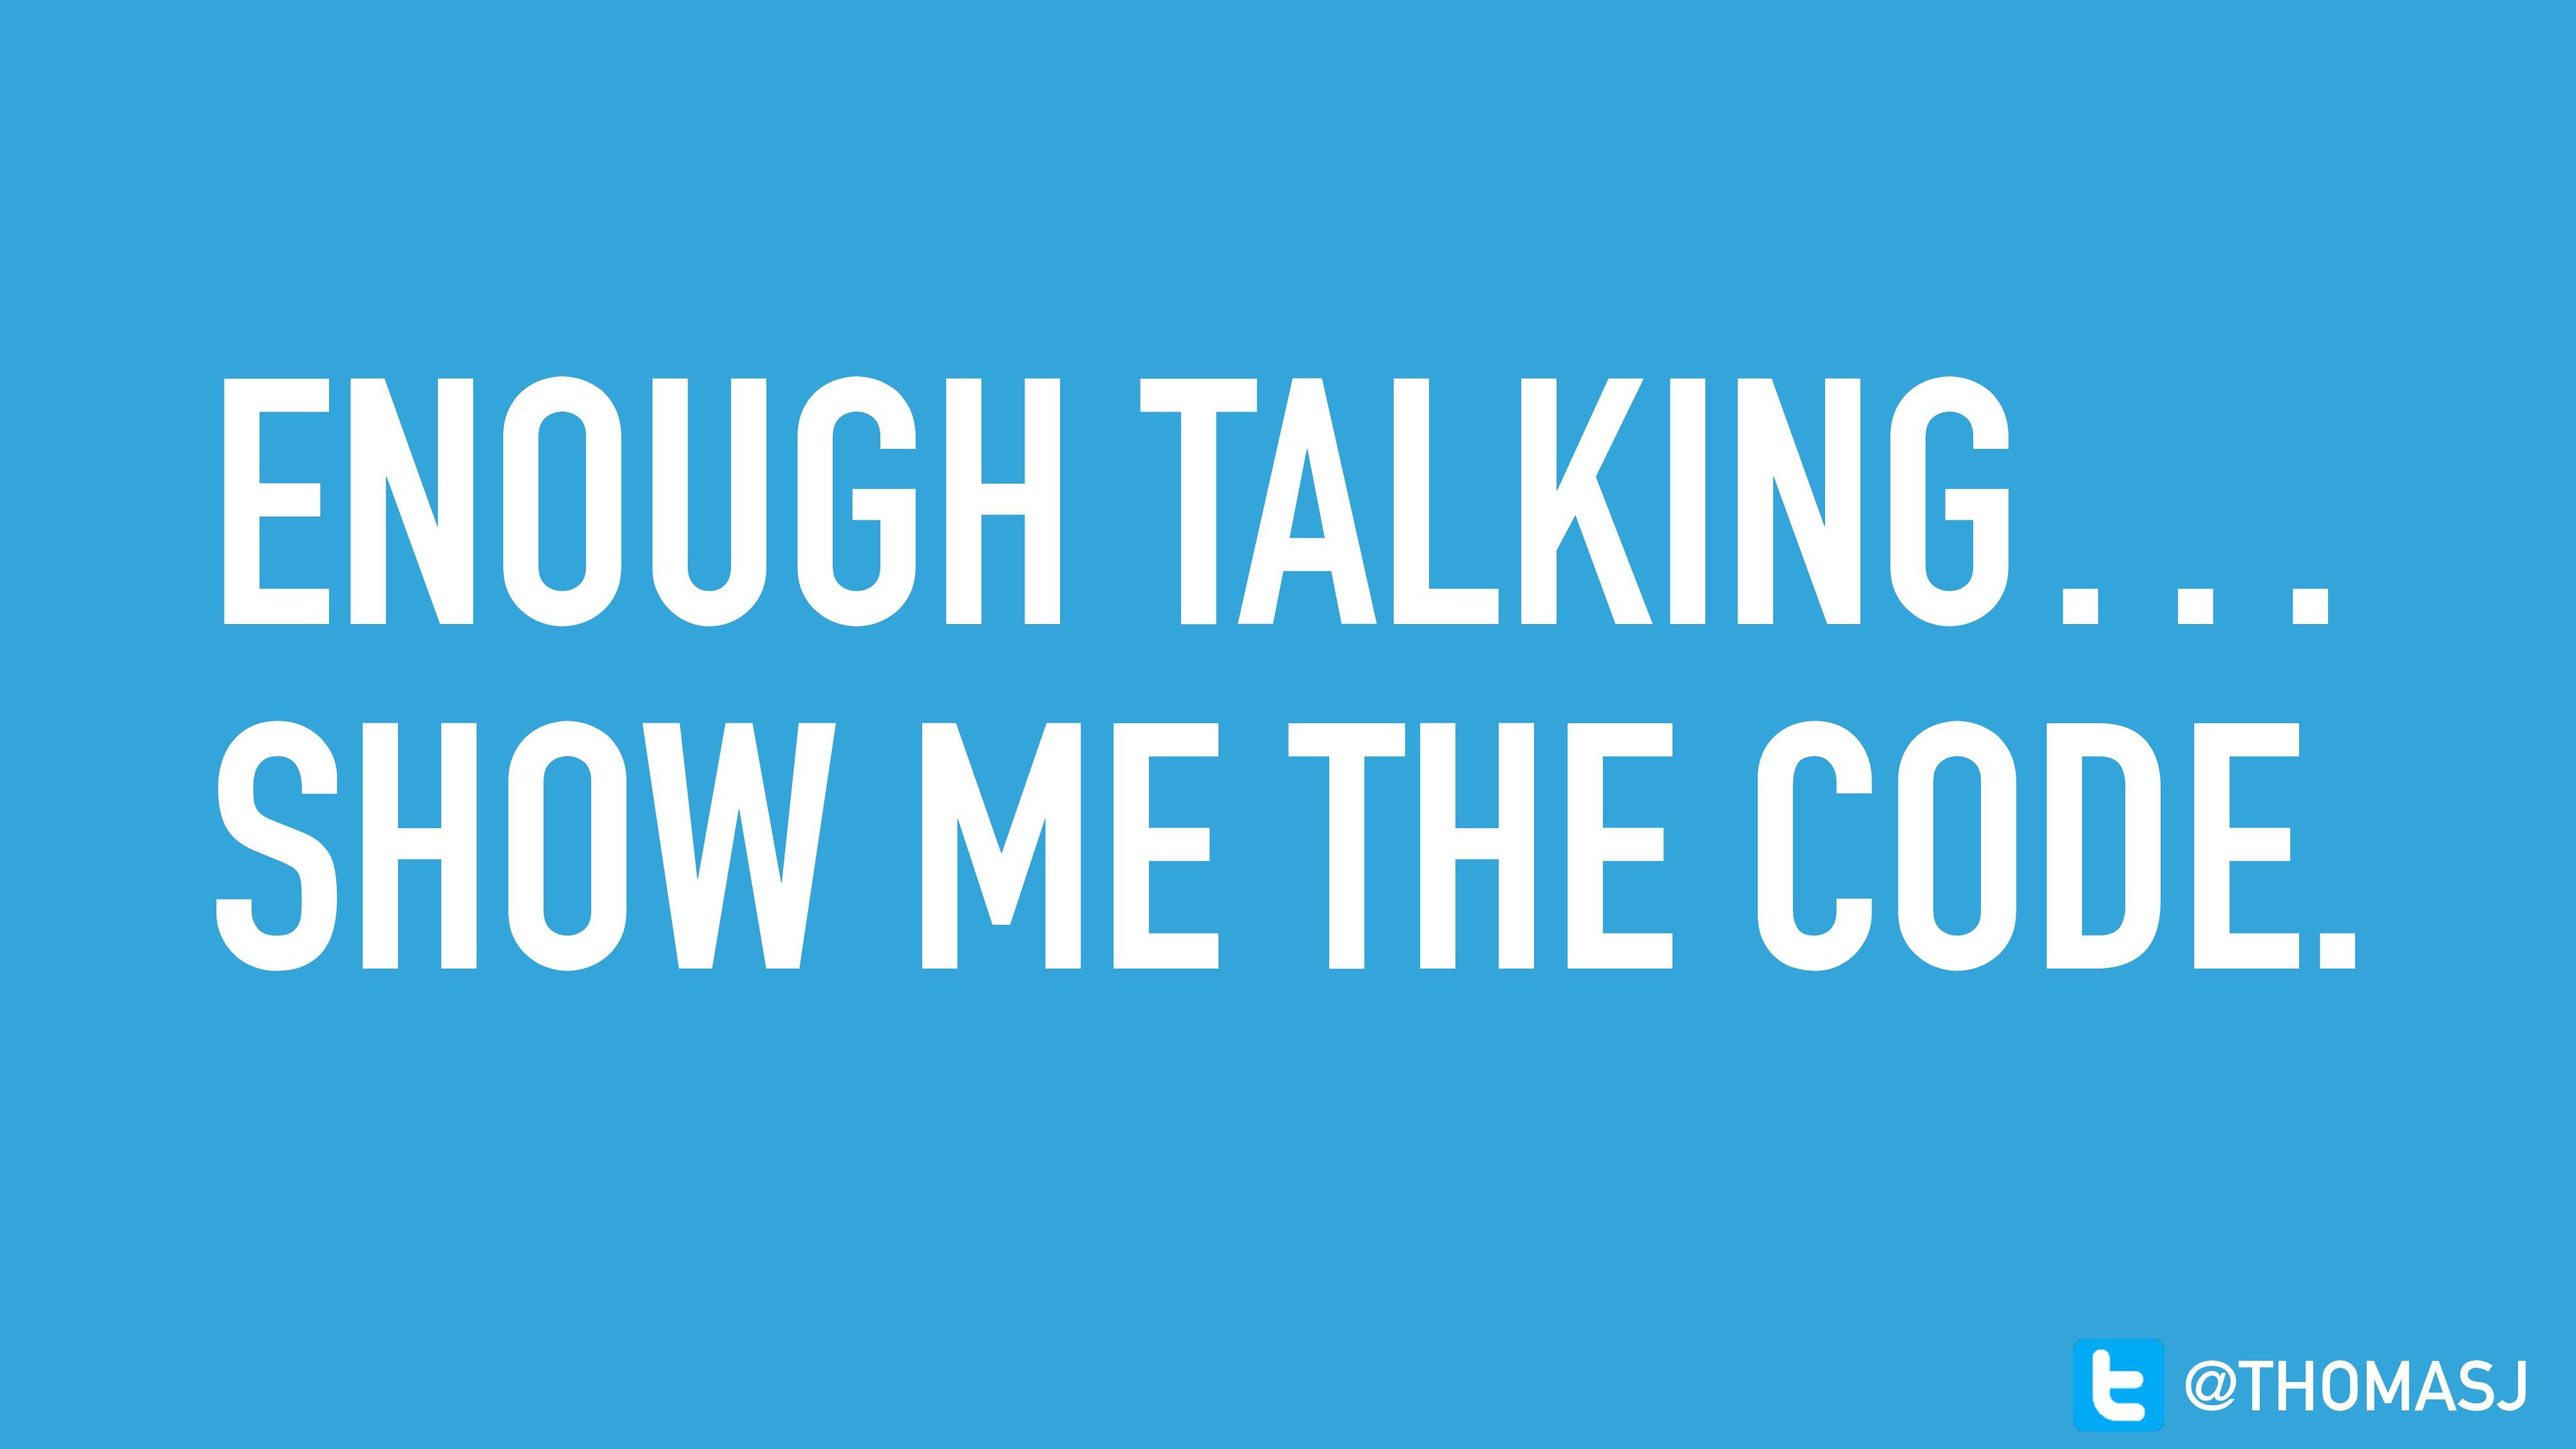 ENOUGH TALKING… SHOW ME THE CODE. @THOMASJ